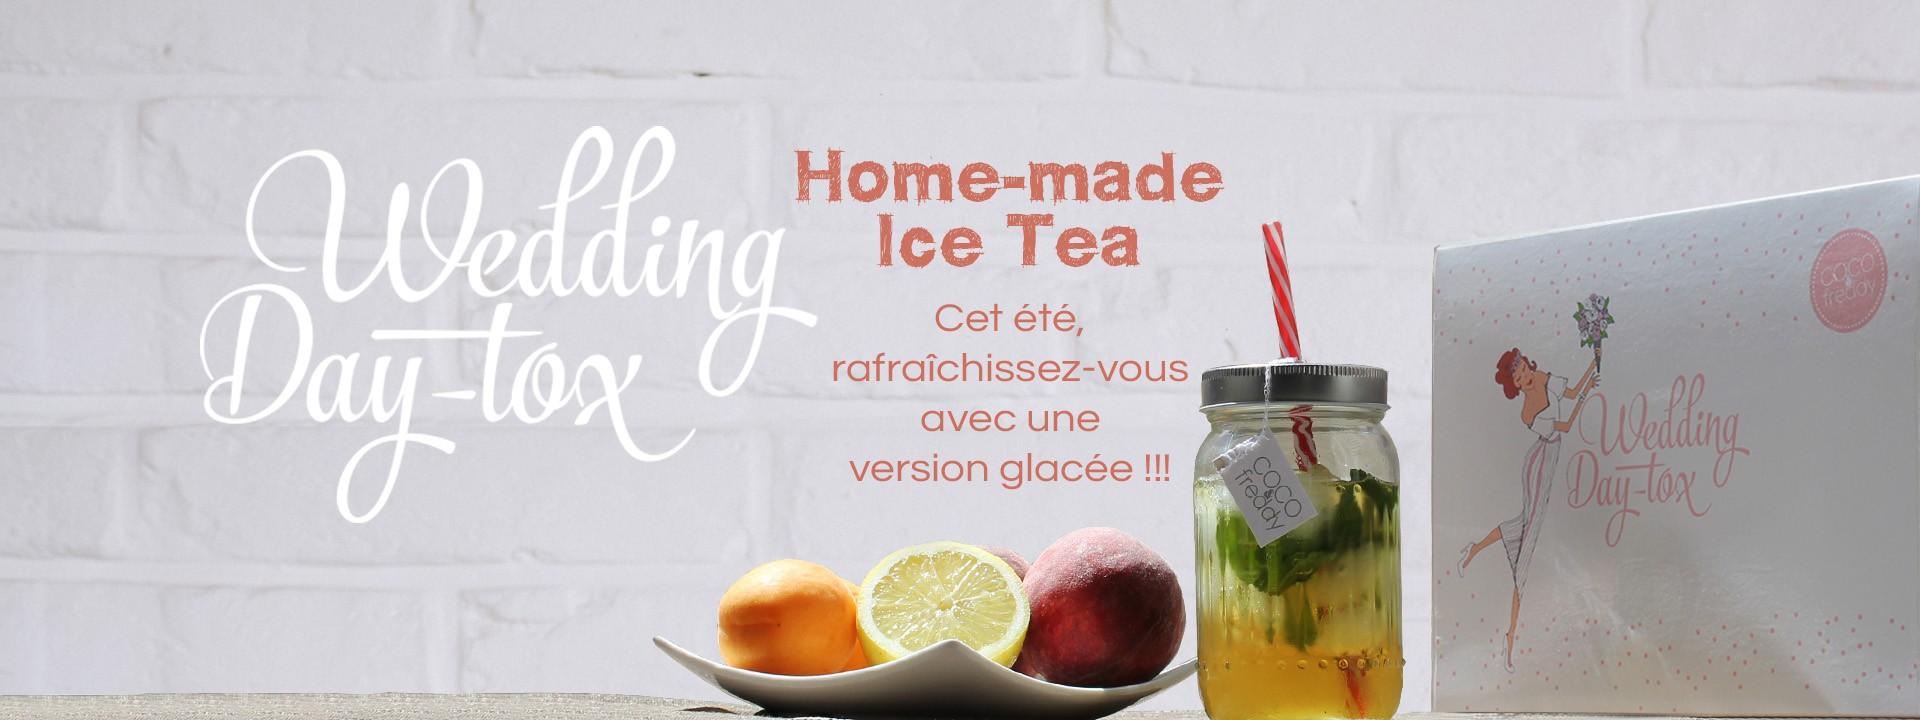 Le thé Wedding Day-tox se déguste aussi glacé pendant l'été !